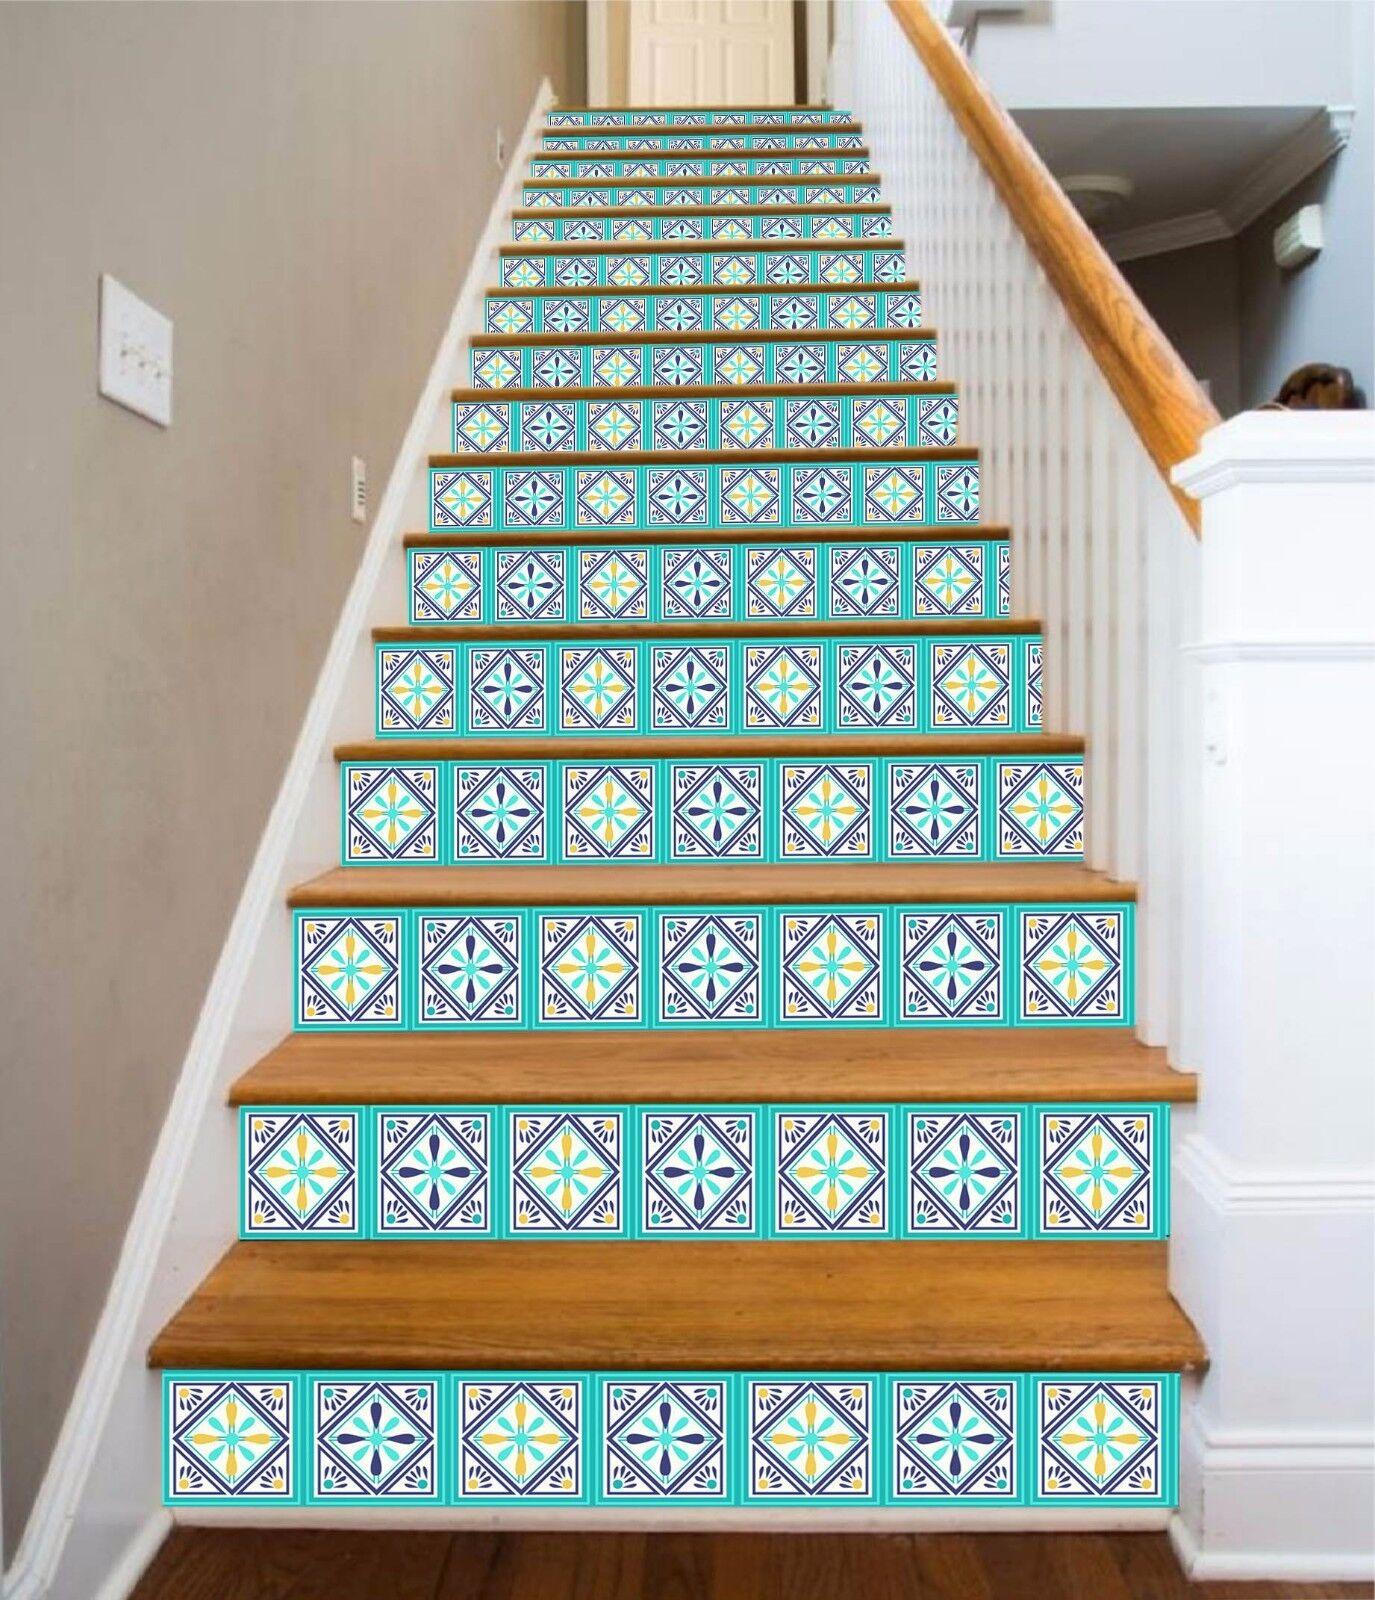 3D bluee 637 Stair Riser Decoration Photo Mural Vinyl Decal Wallpaper UK Lemon